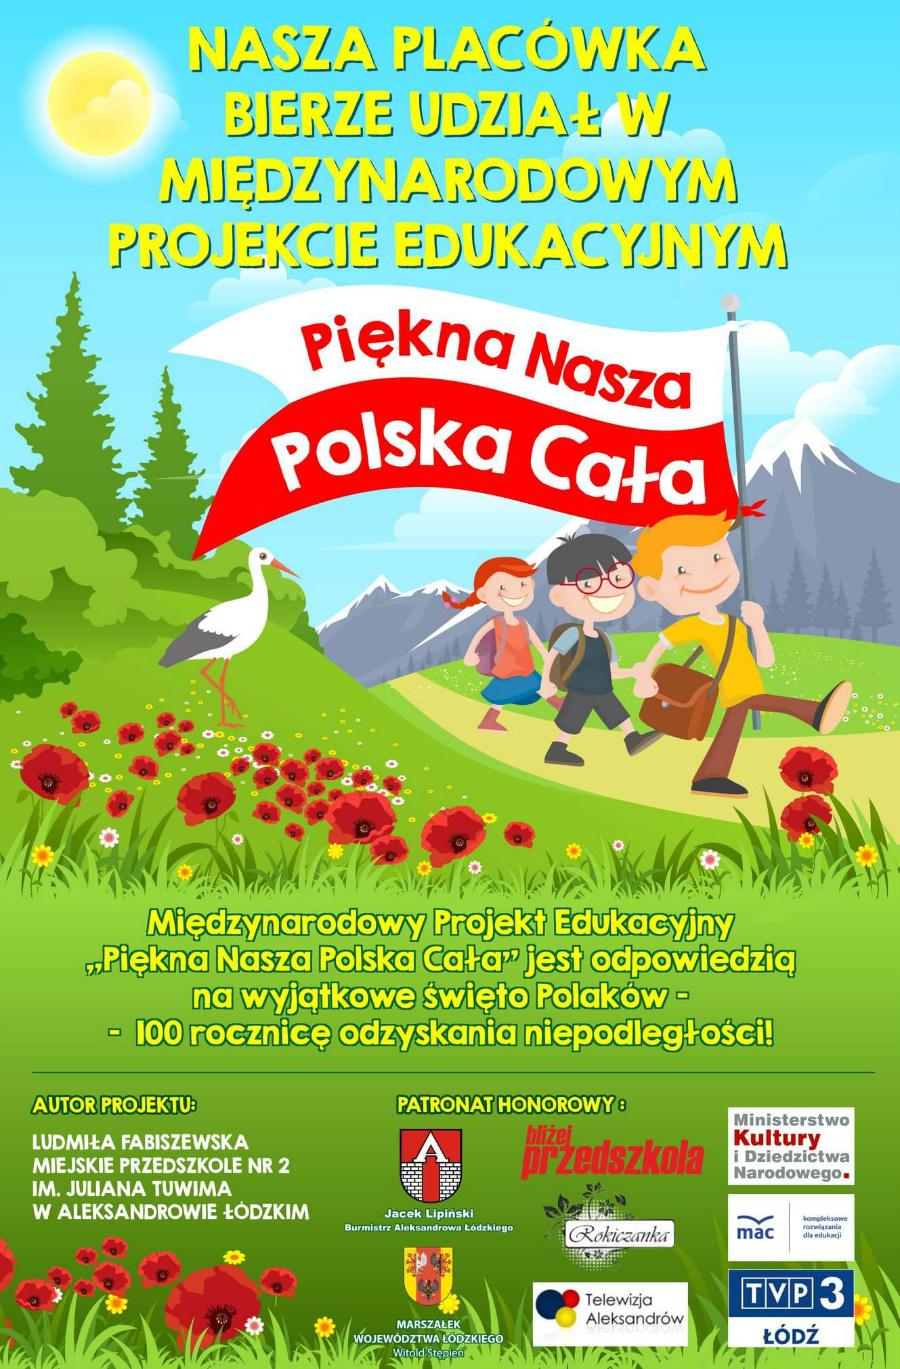 piekna nasza polska cała